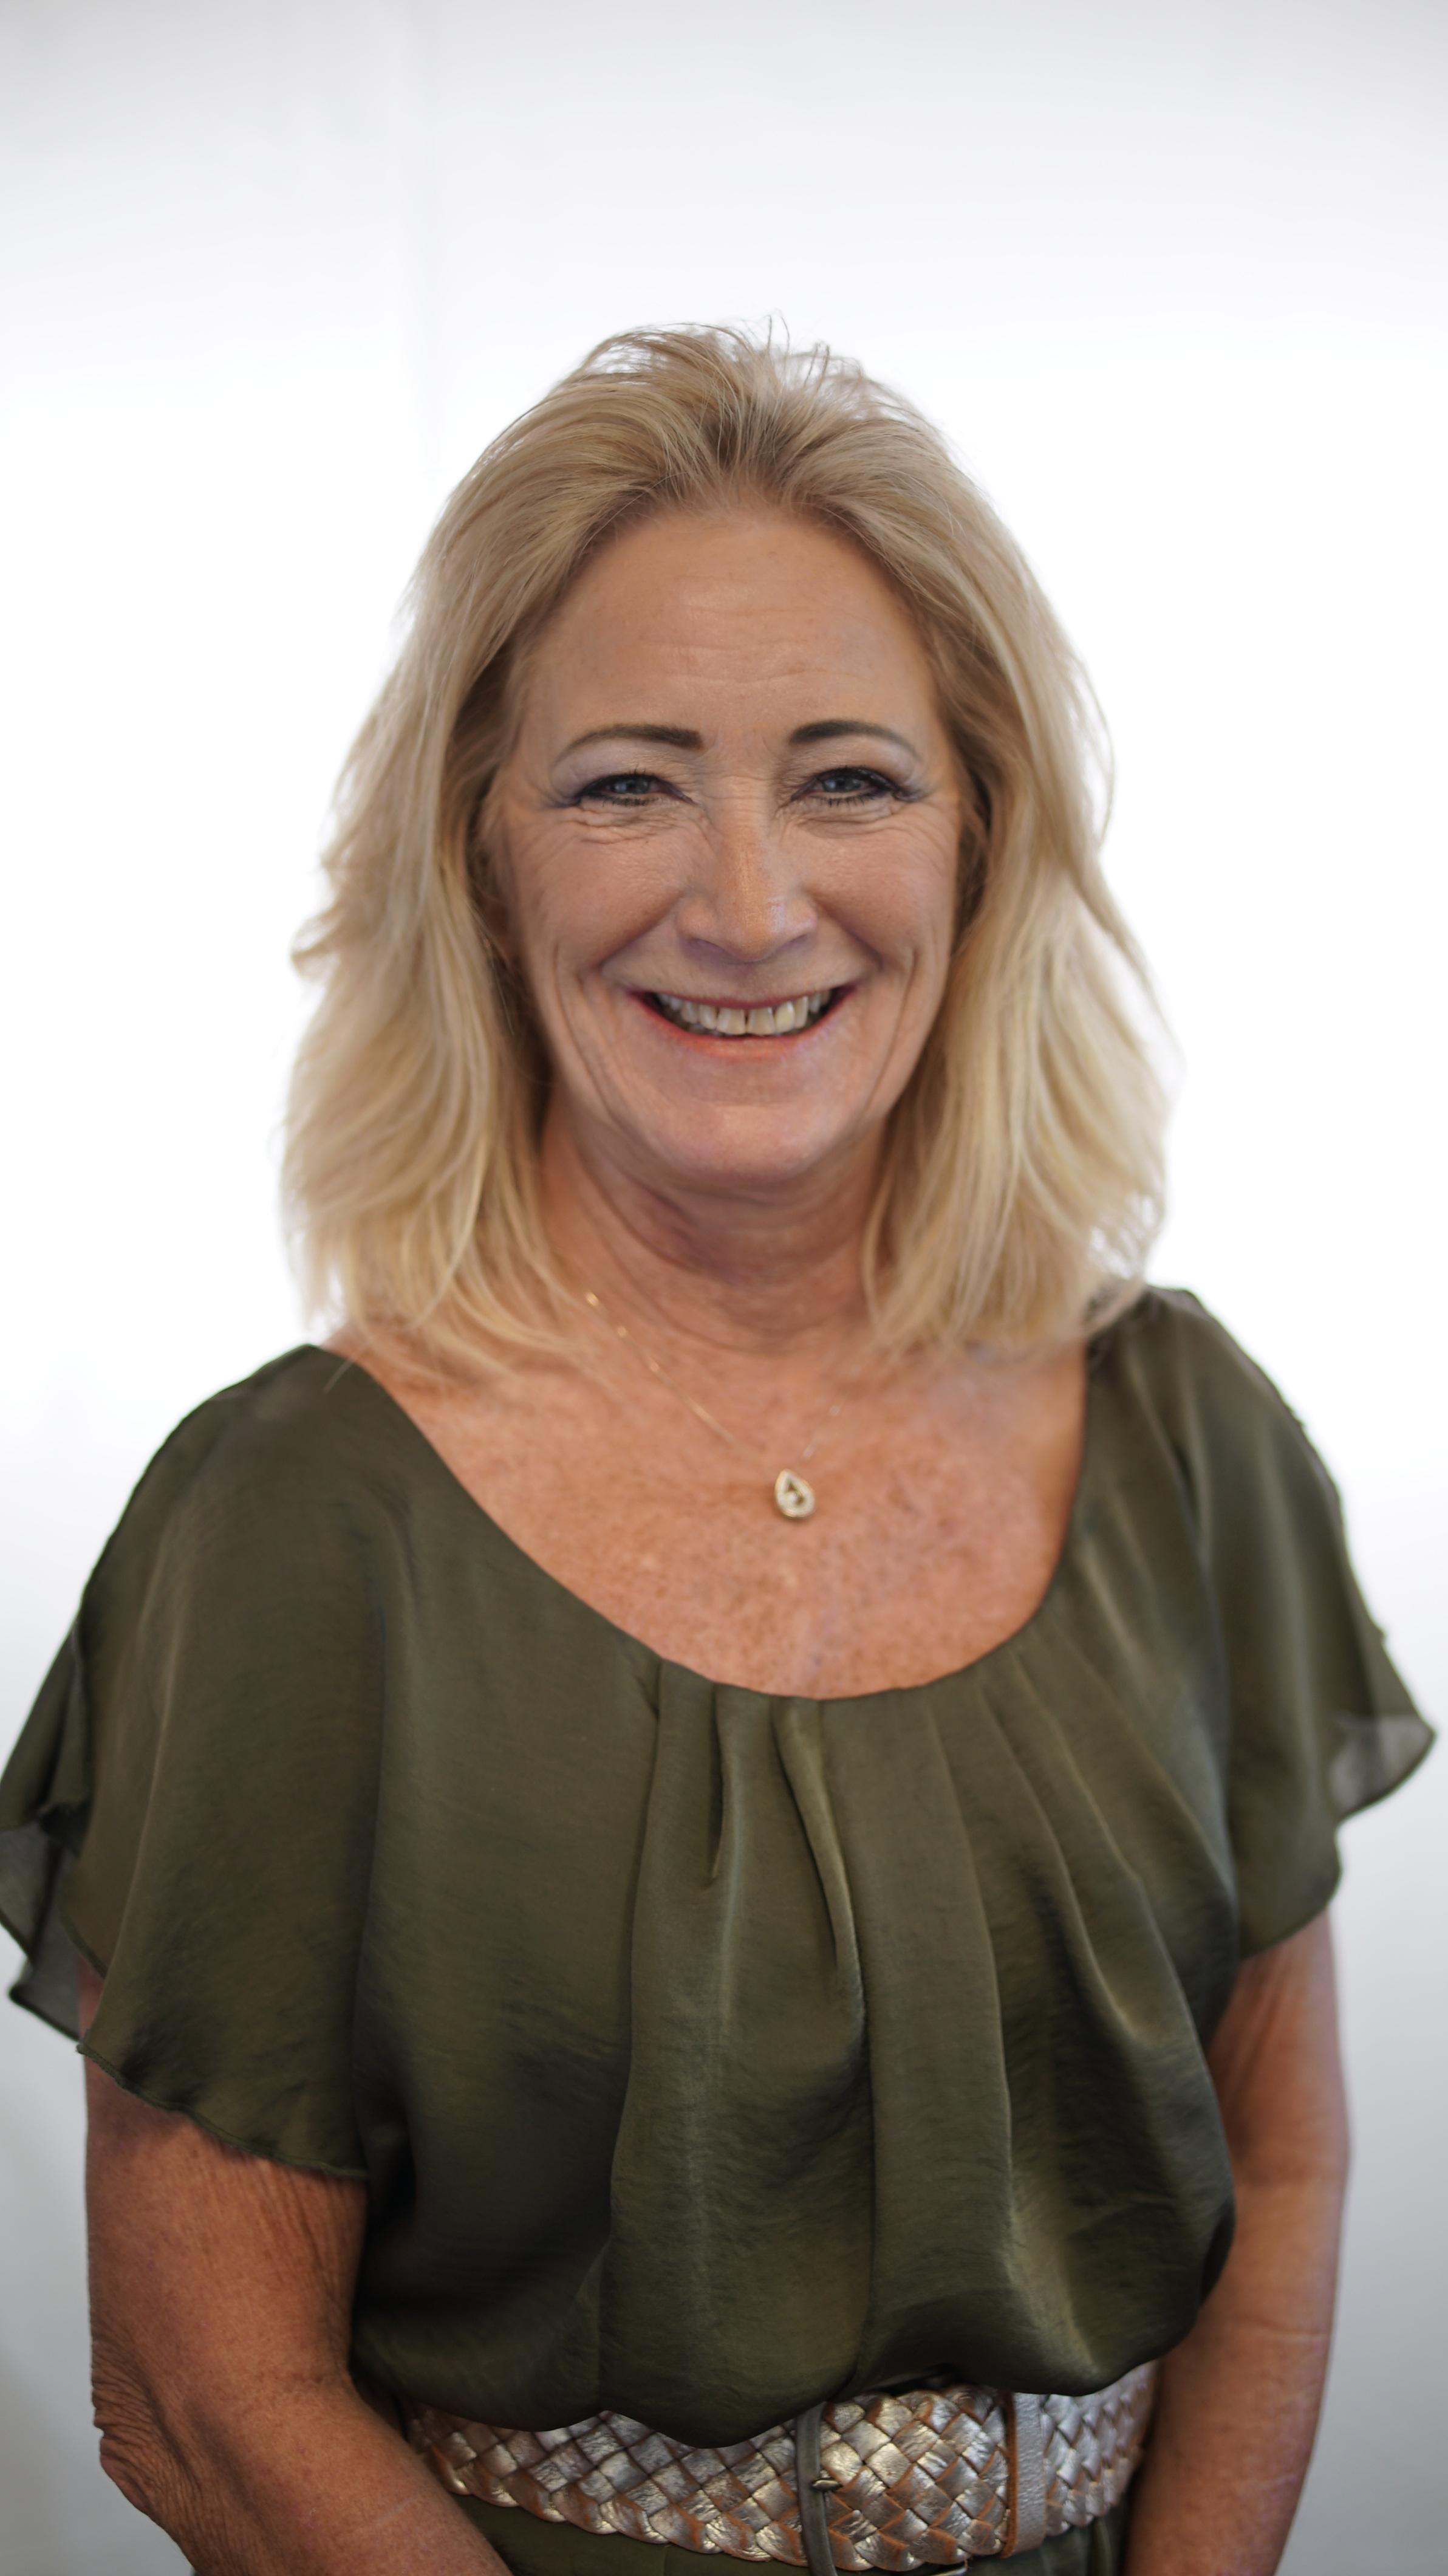 Margie-best.JPG